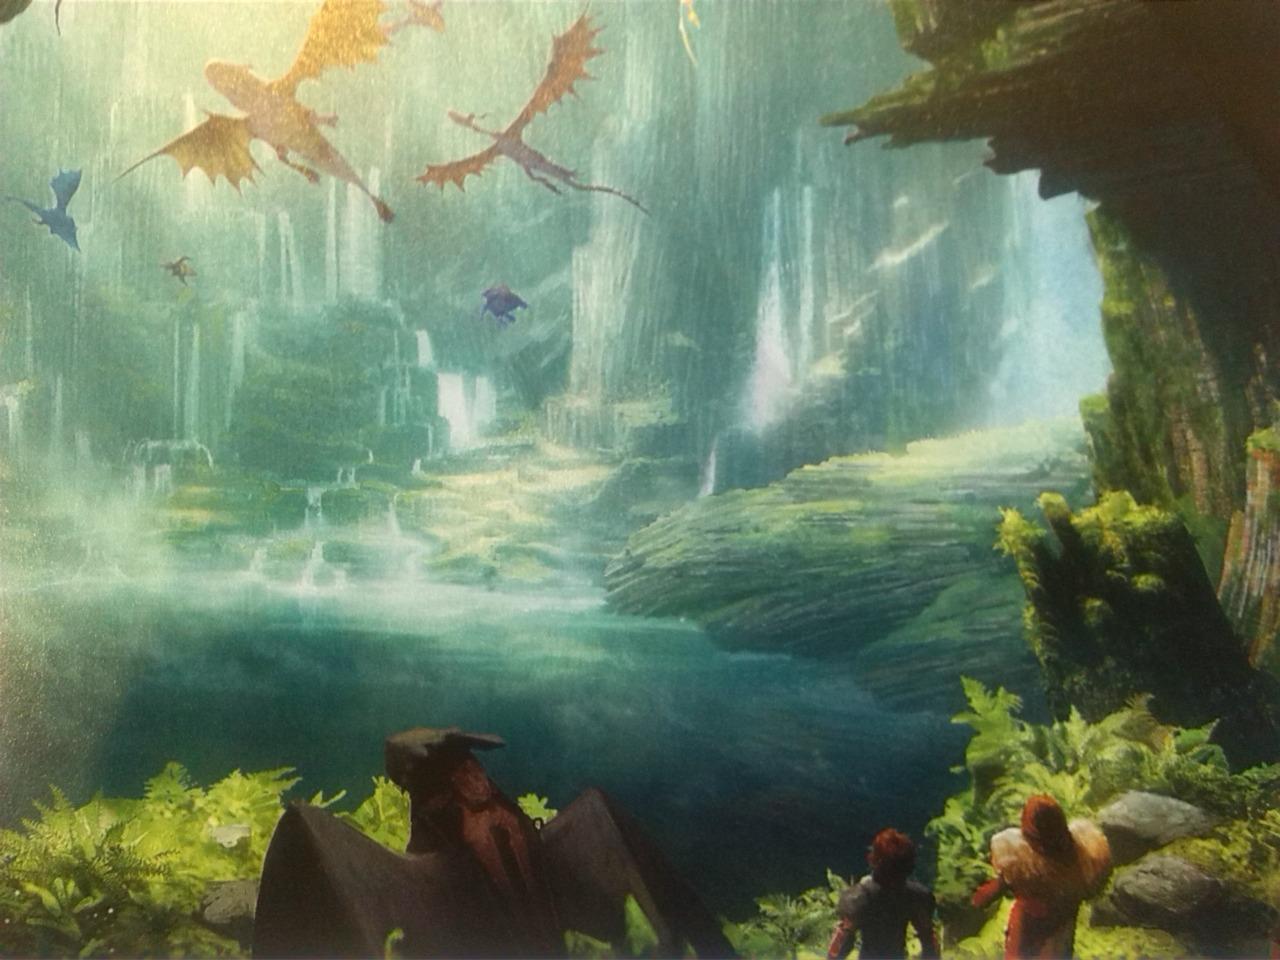 Como treinar o seu drago imagens how to train your dragon 2 concept como treinar o seu drago images how to train your dragon 2 concept art hd wallpaper and background photos ccuart Choice Image